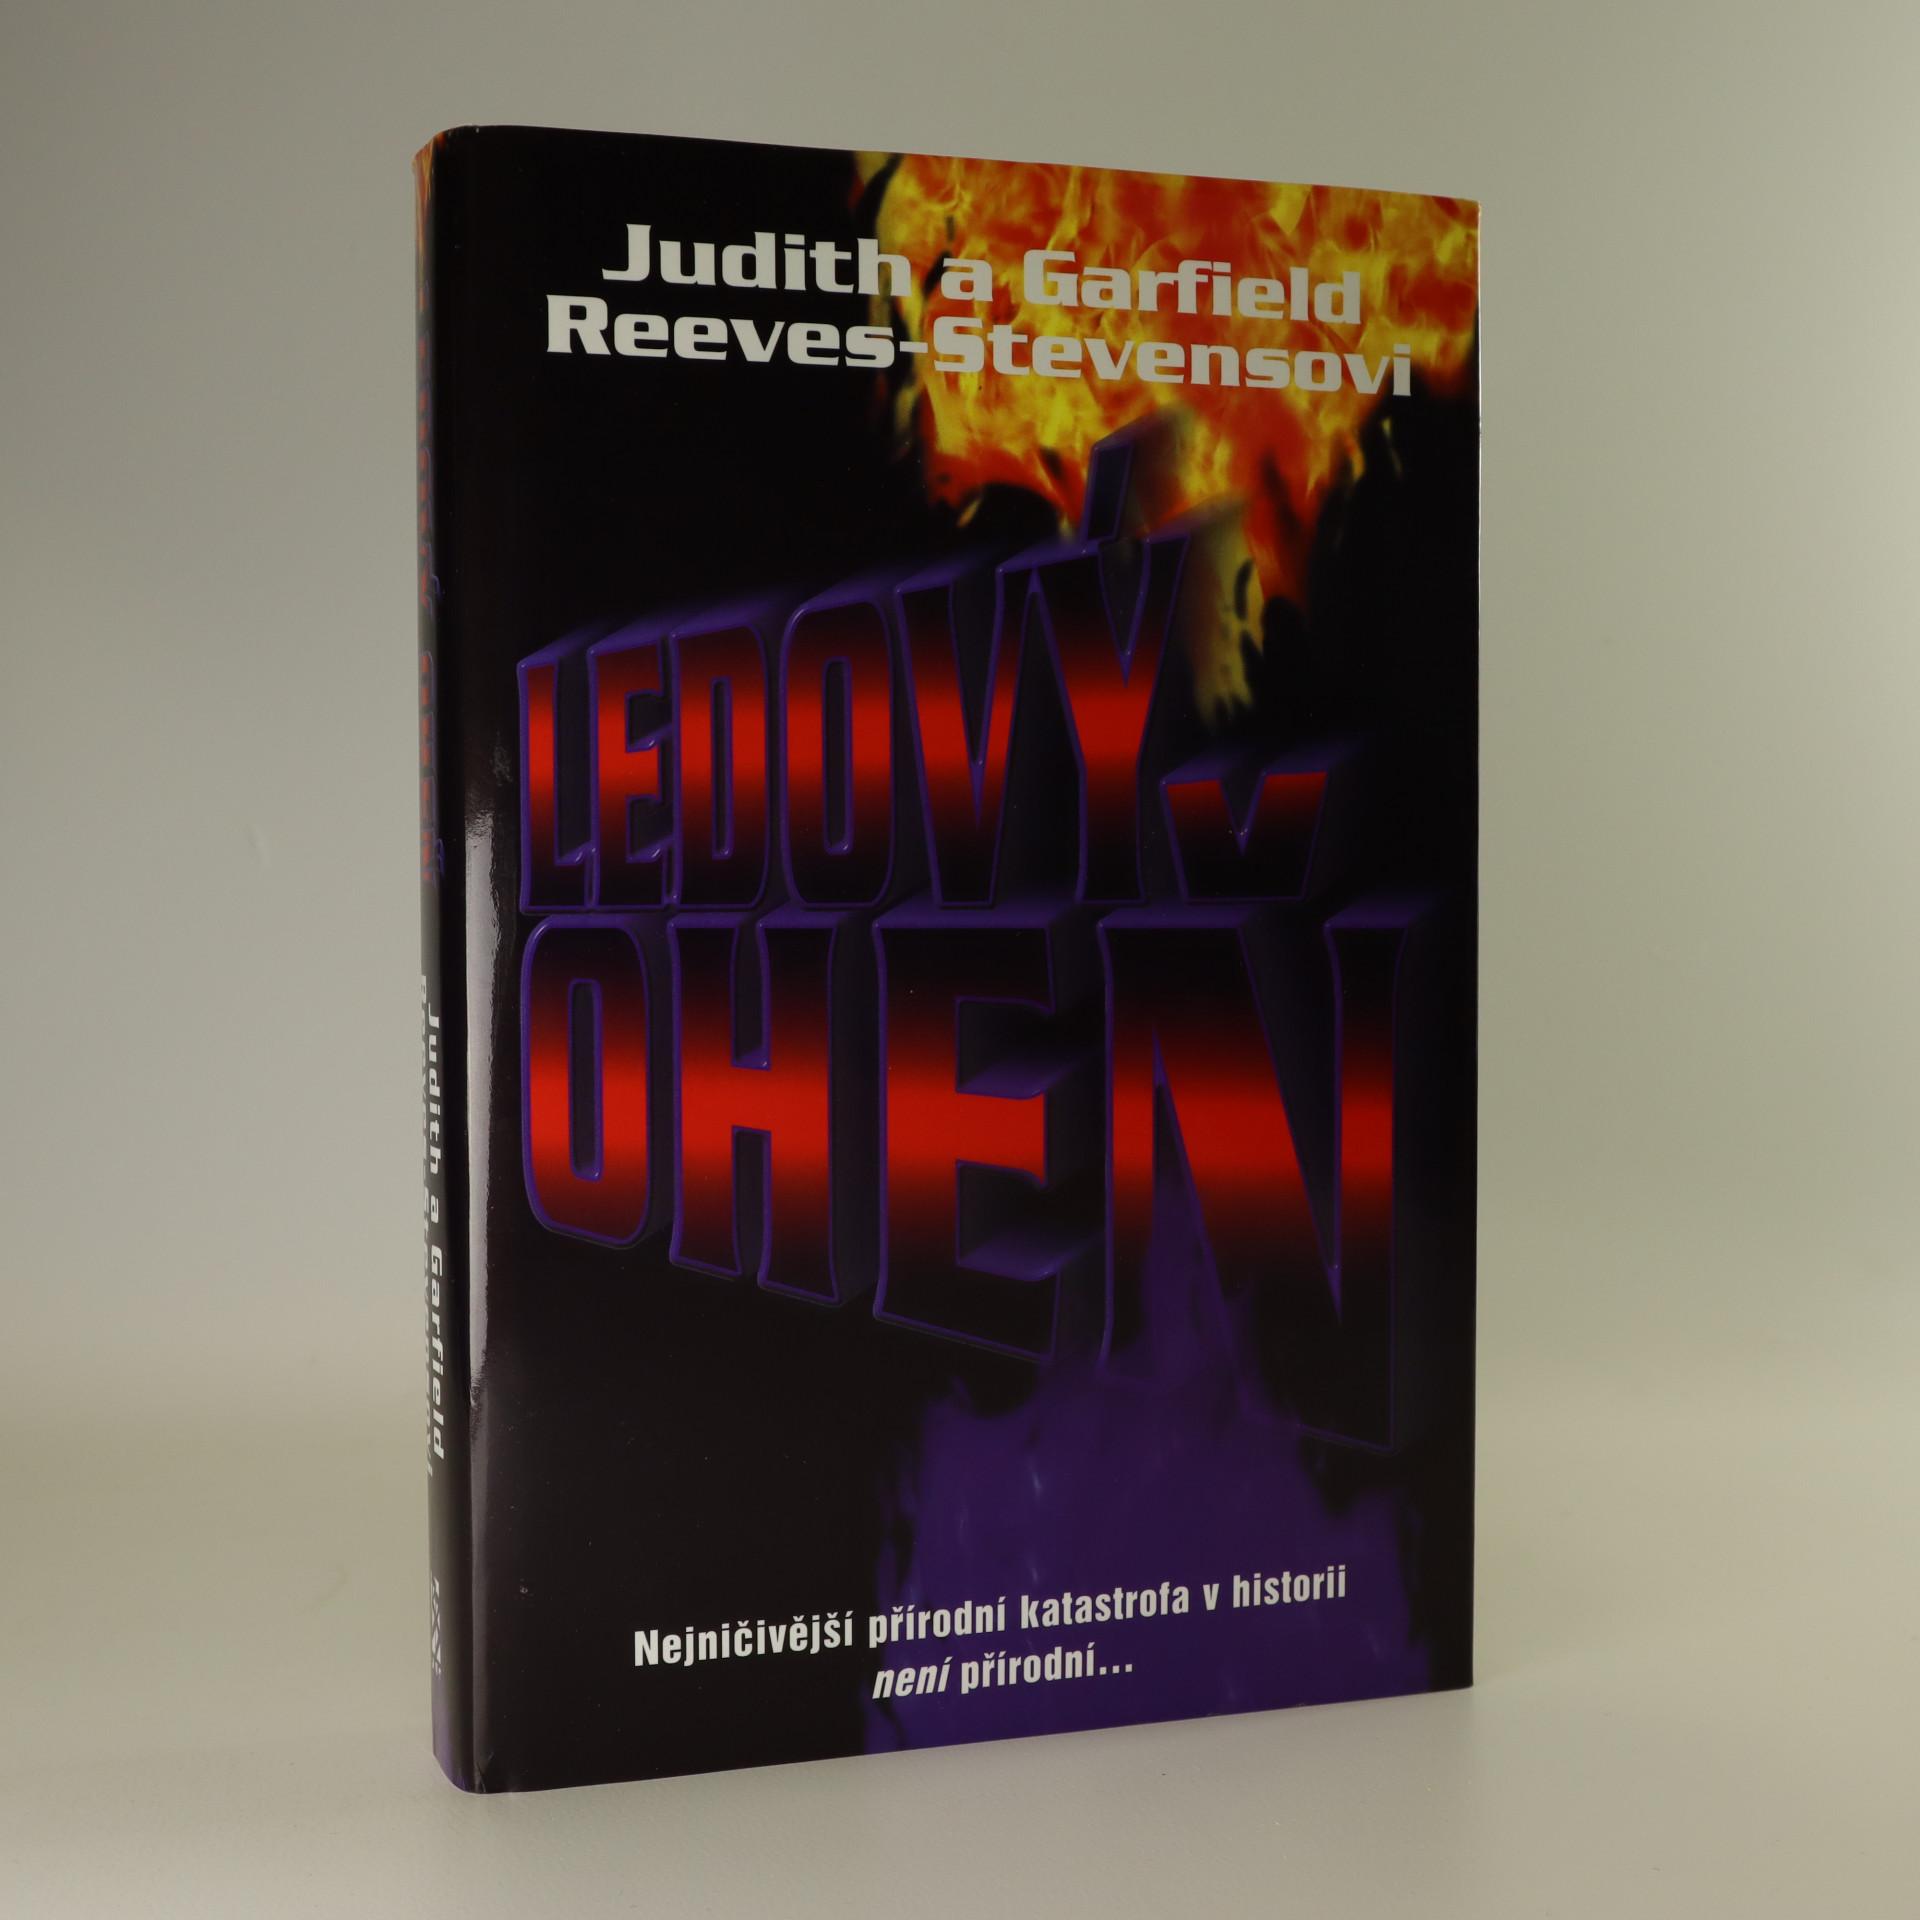 antikvární kniha Ledový oheň, 1999